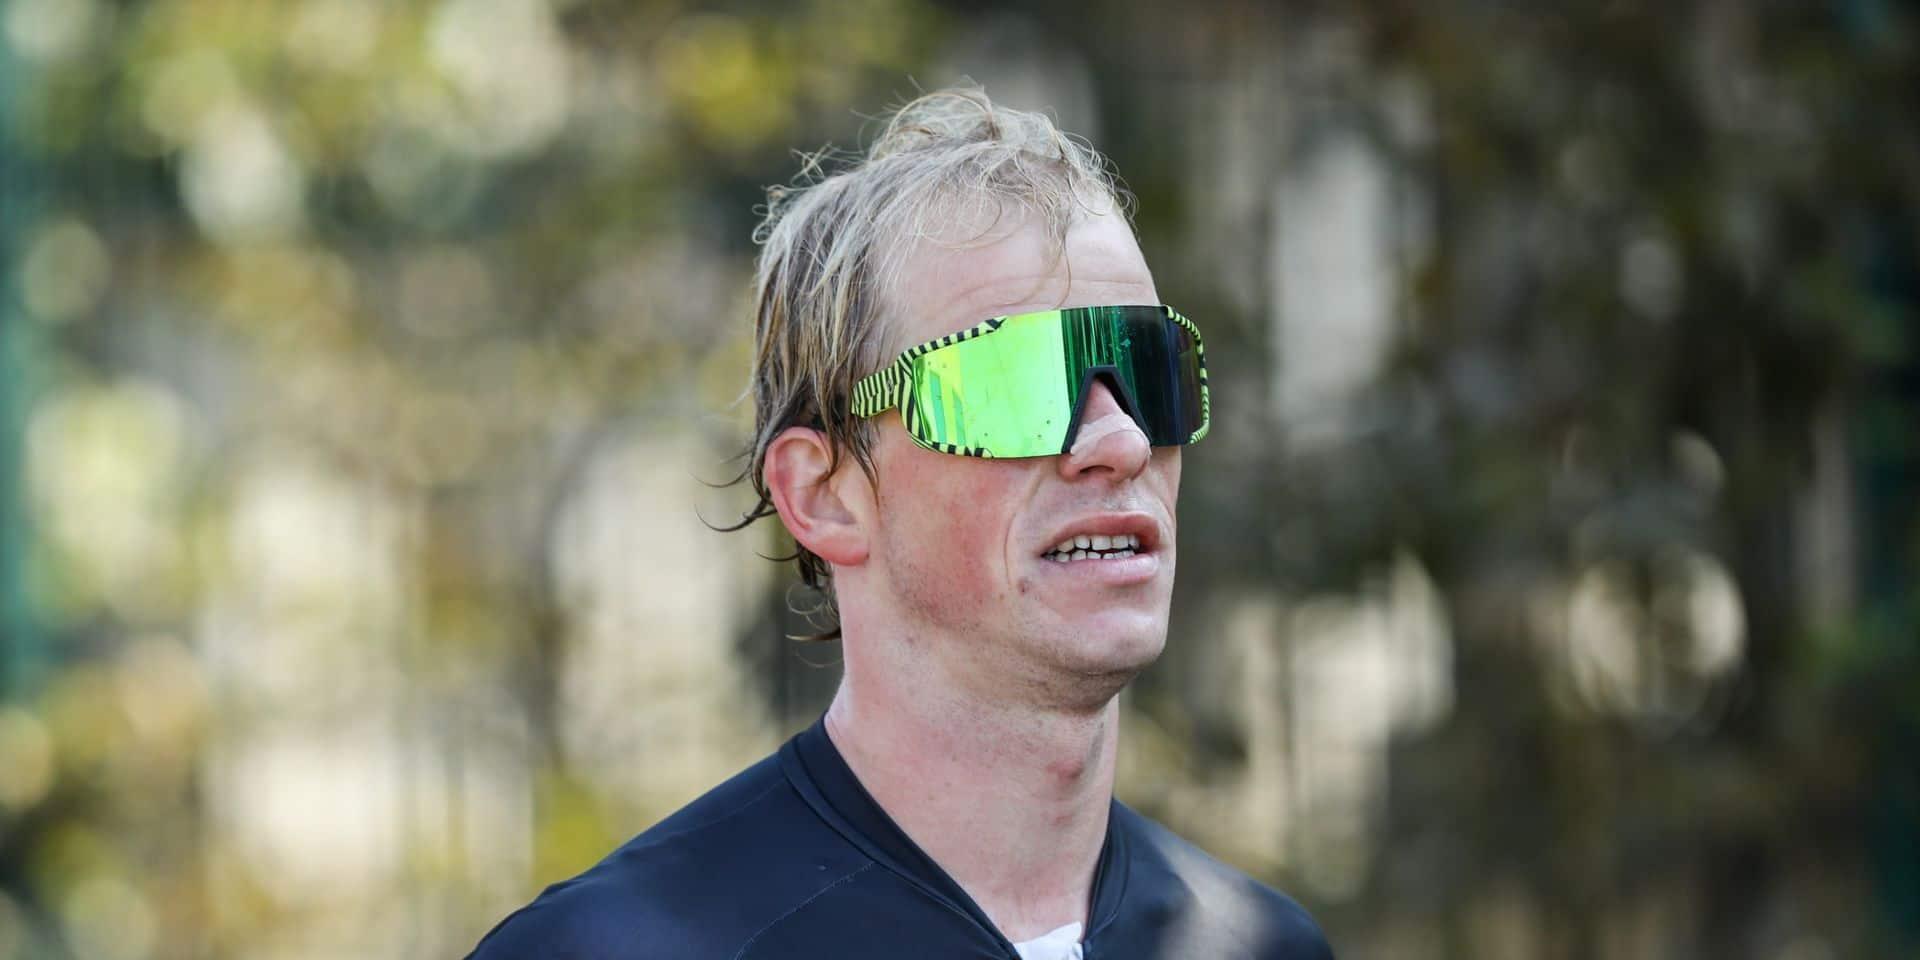 Triathlon : Pieter Heemeryck, deuxième à Ratingen !